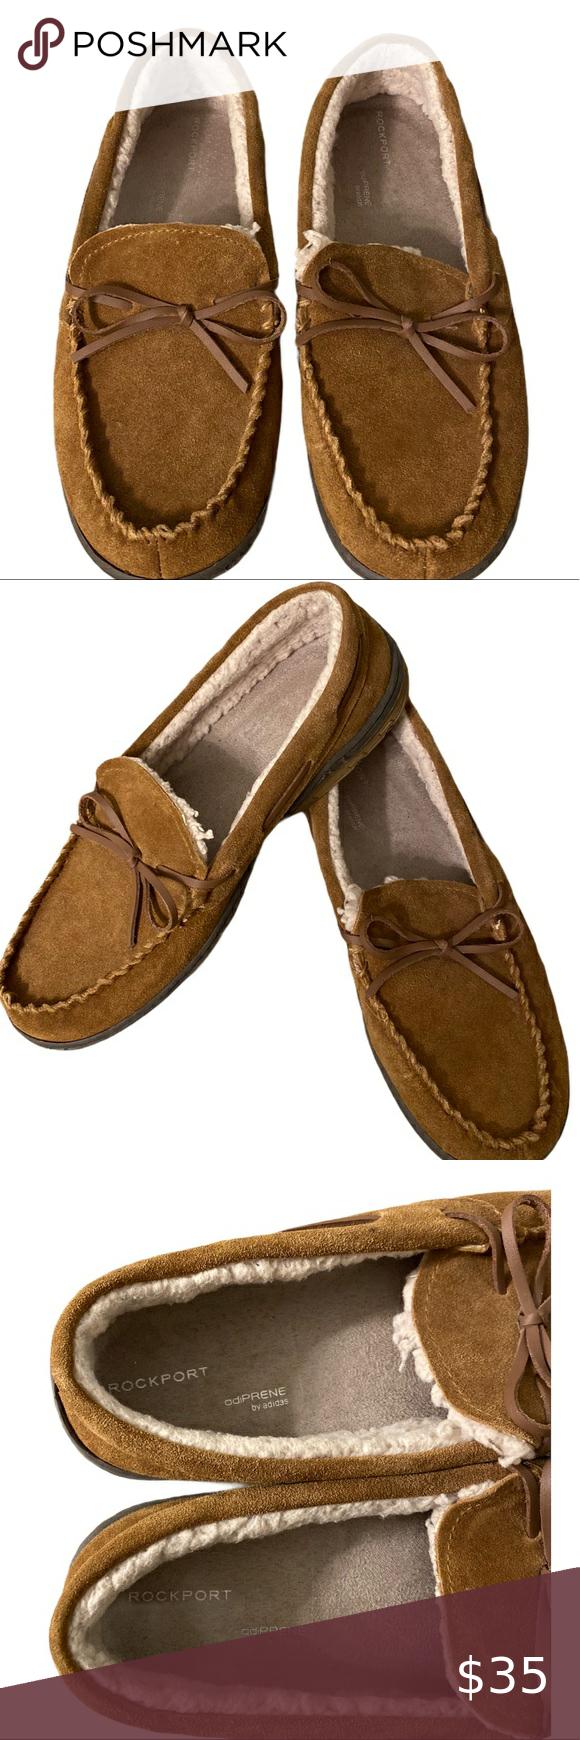 Rockport Indoor/Outdoor Slippers Size 9